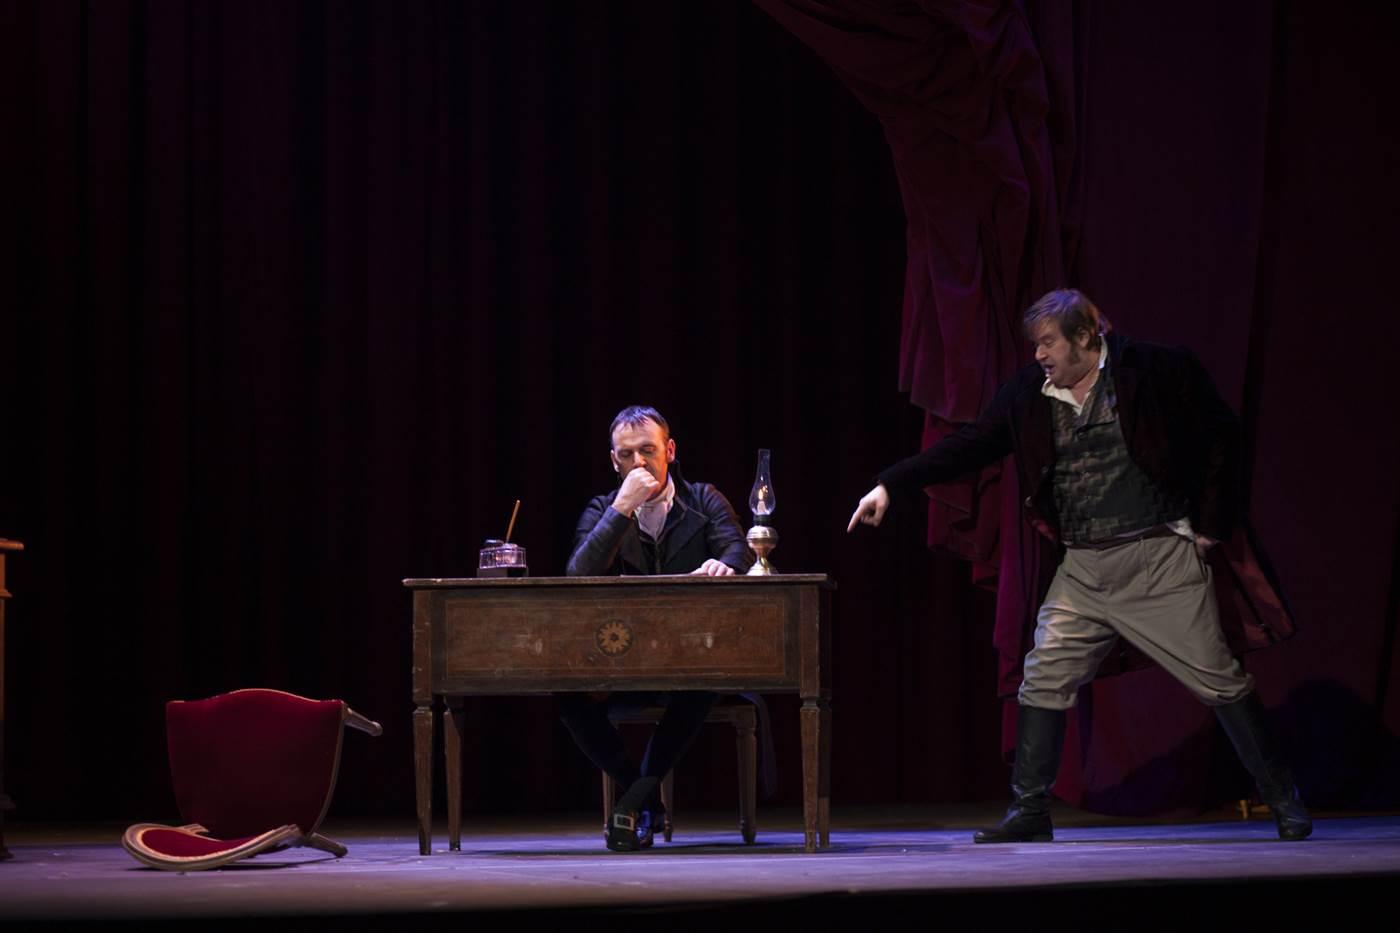 """Arriva a Napoli l'atteso spettacolo di Georg Büchner, la """"Morte di Danton"""" per la regia di Mario Martone. In scena al Teatro Politeama dal 26 aprile al 7 maggio. """"La morte [...]"""